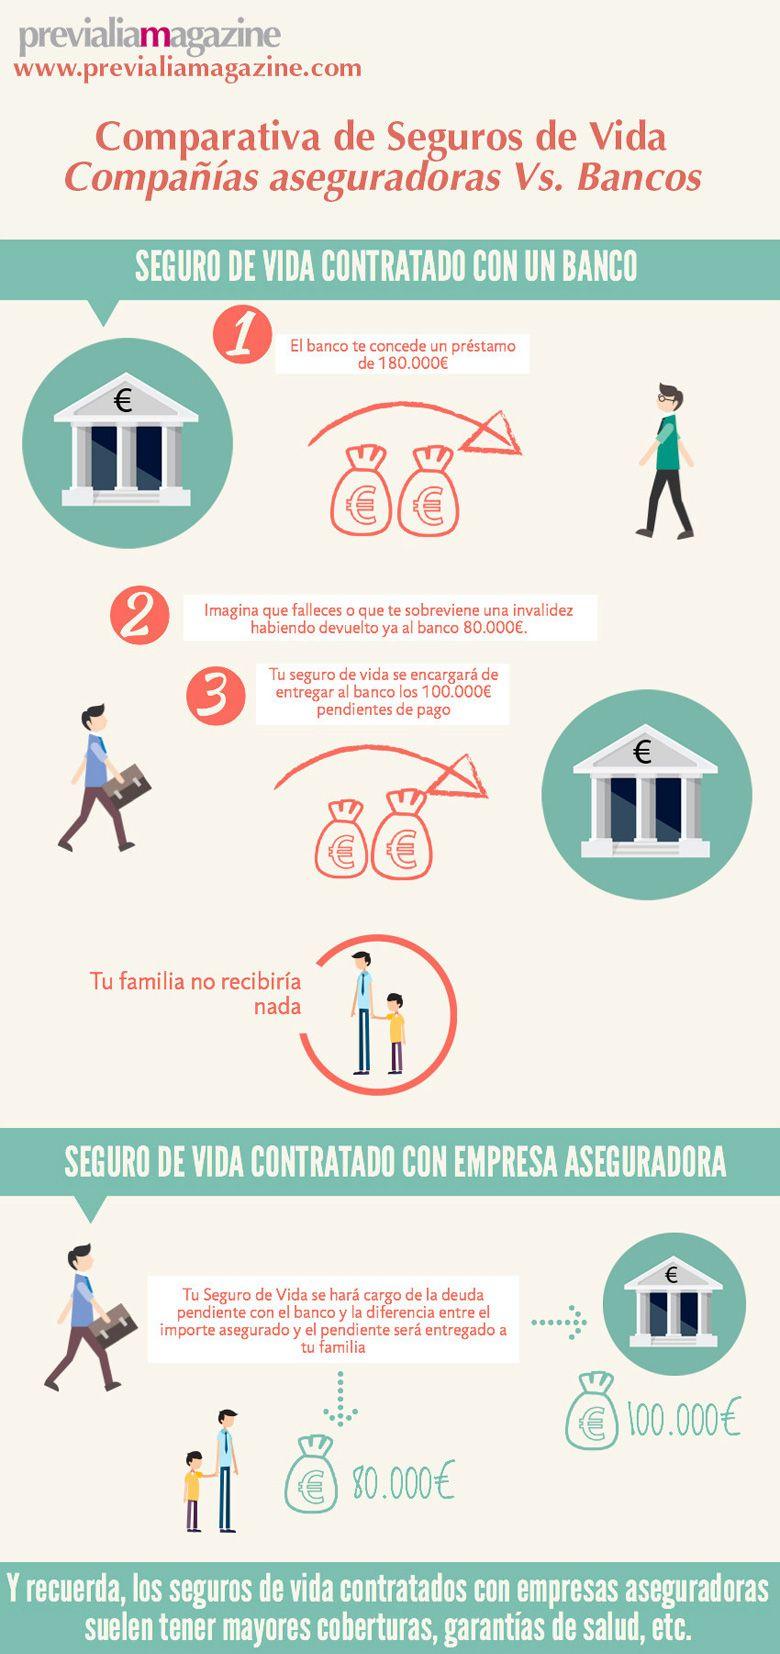 Compañías aseguradoras Vs. Bancos en el Ring! Infografía comparativa de seguros de vida | Seguro de vida. Vida. Seguro